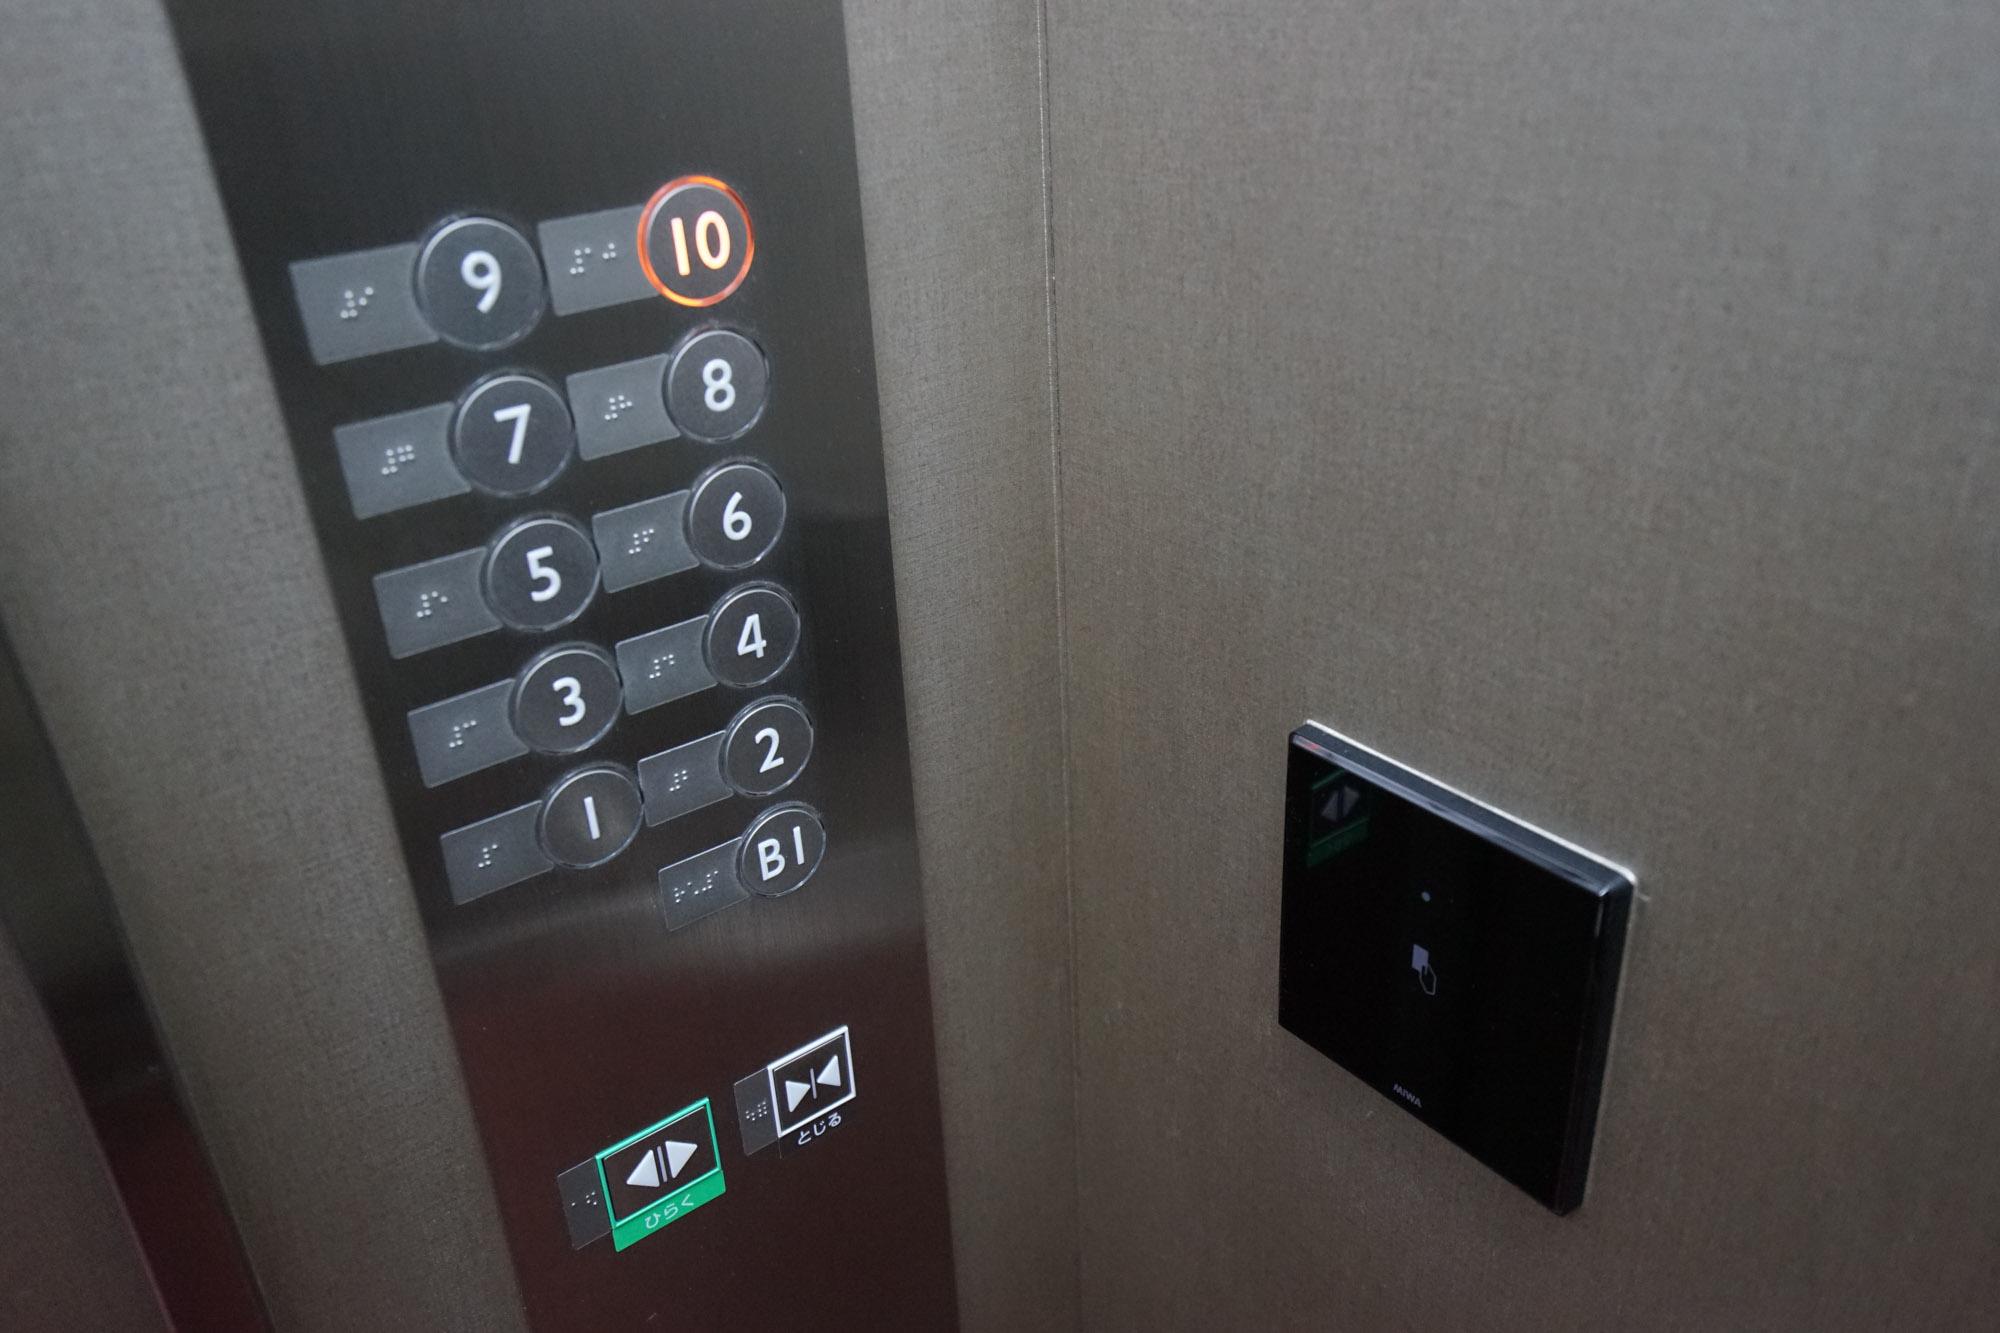 エレベータはカードキー制御式、フロントは24時間対応で、セキュリティ面が気になる方も安心です。